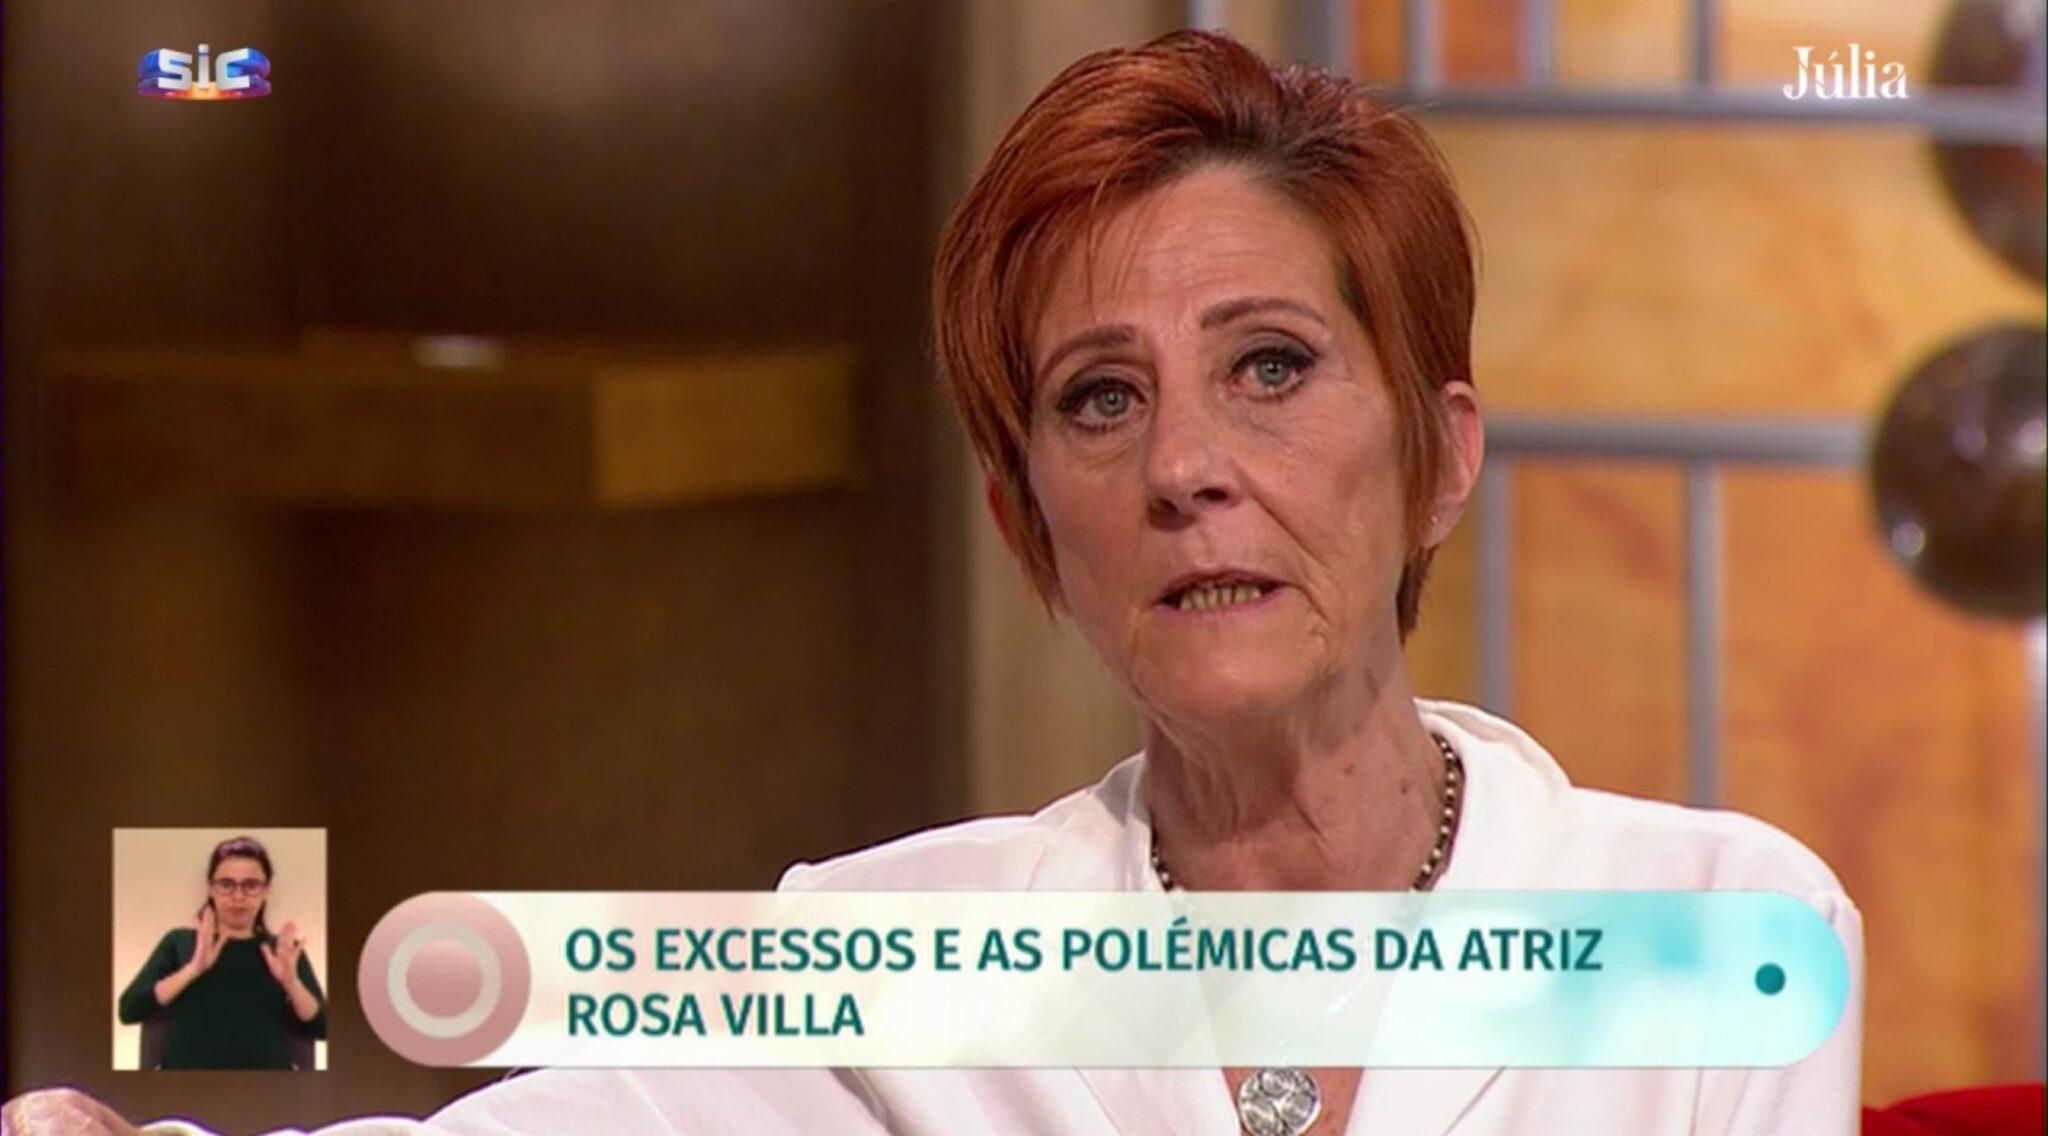 Rosa Villa Scaled Rosa Villa Fala Sobre Vicío Em Drogas E Agressão Da Gnr: &Quot;Porquê Tanta Porrada?&Quot;